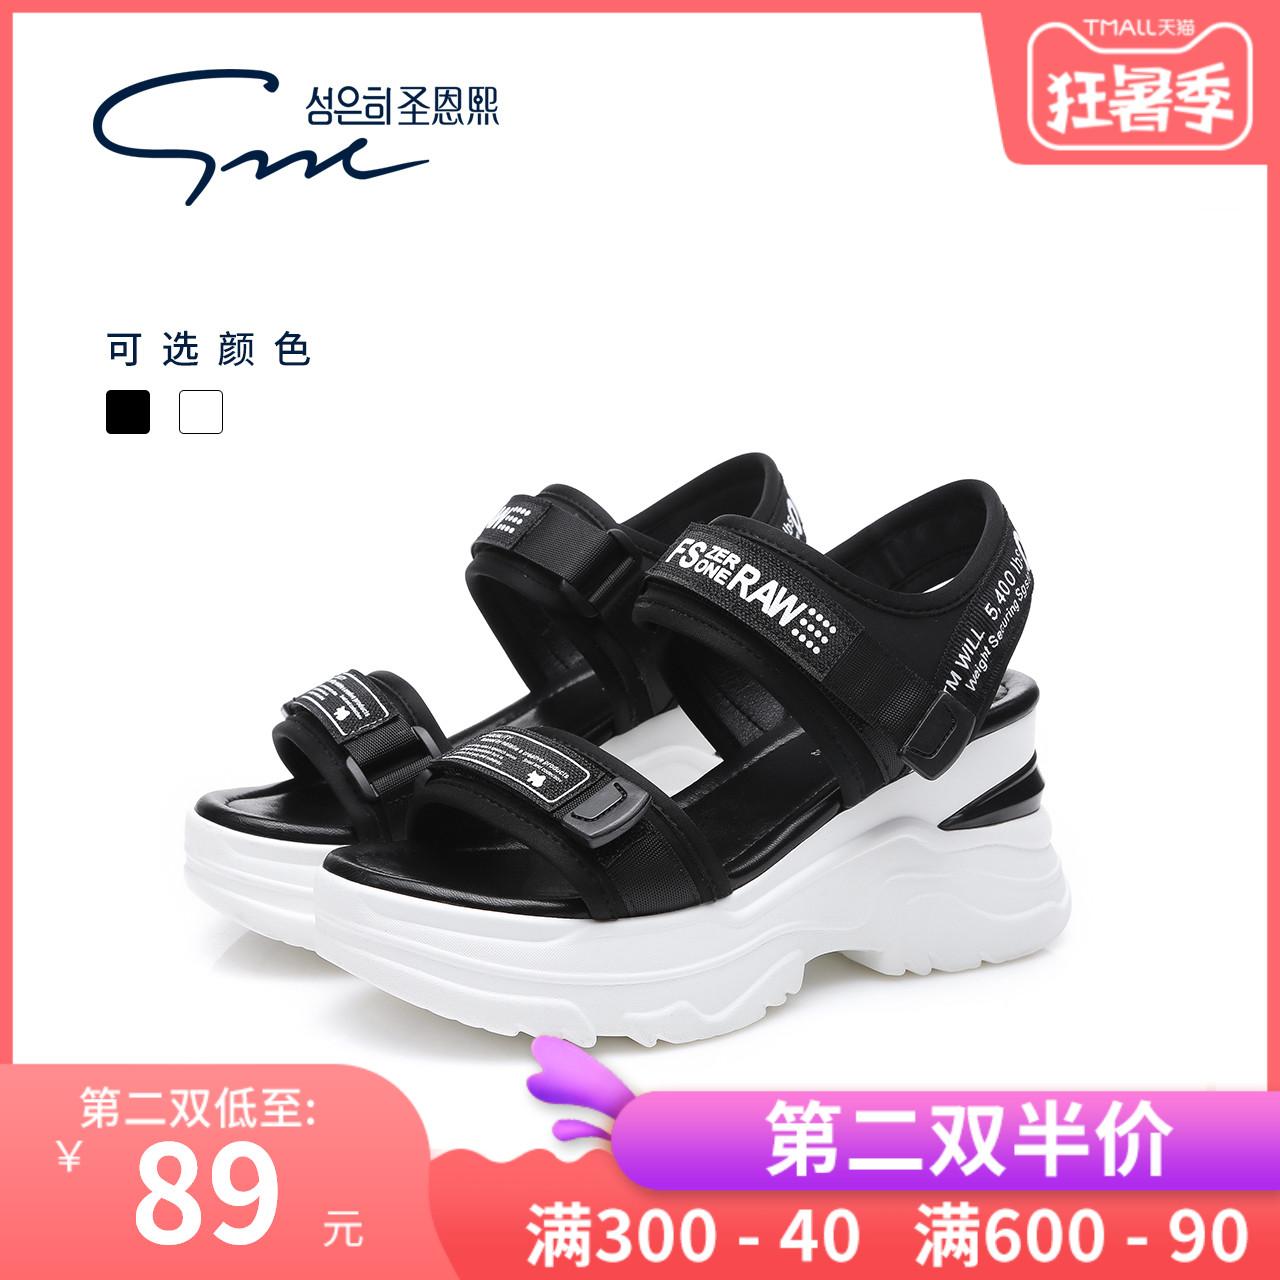 夏季黑色涼鞋女2020新款 坡跟時裝女鞋 運動老爹涼鞋厚底松糕女鞋